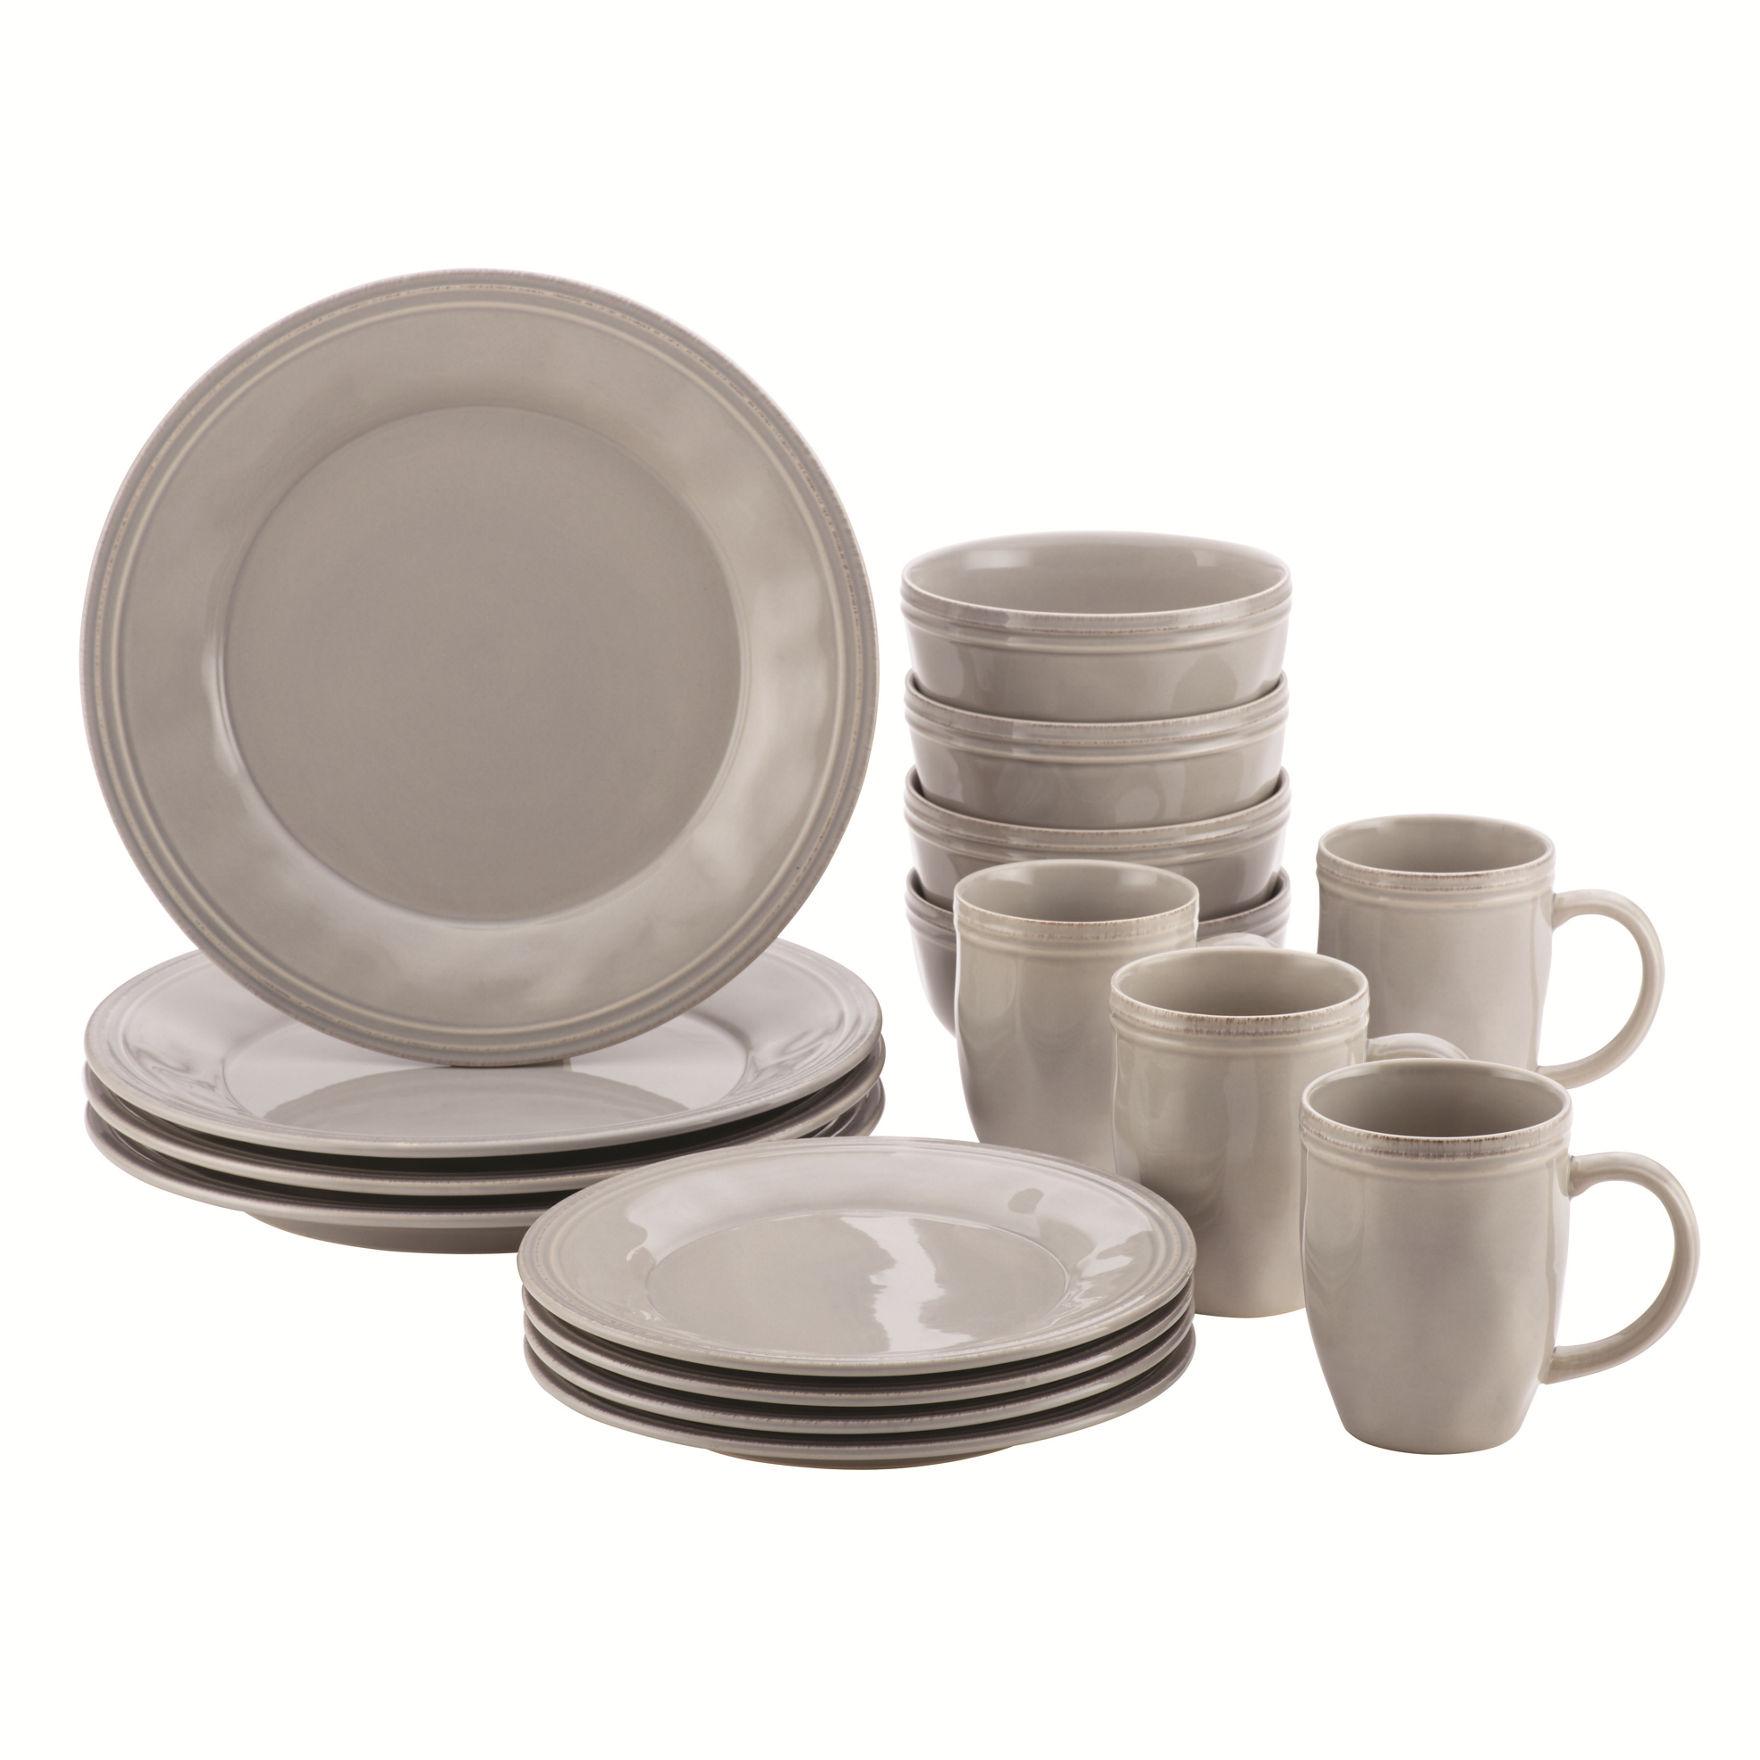 Rachael Ray Grey Dinnerware Sets Dinnerware